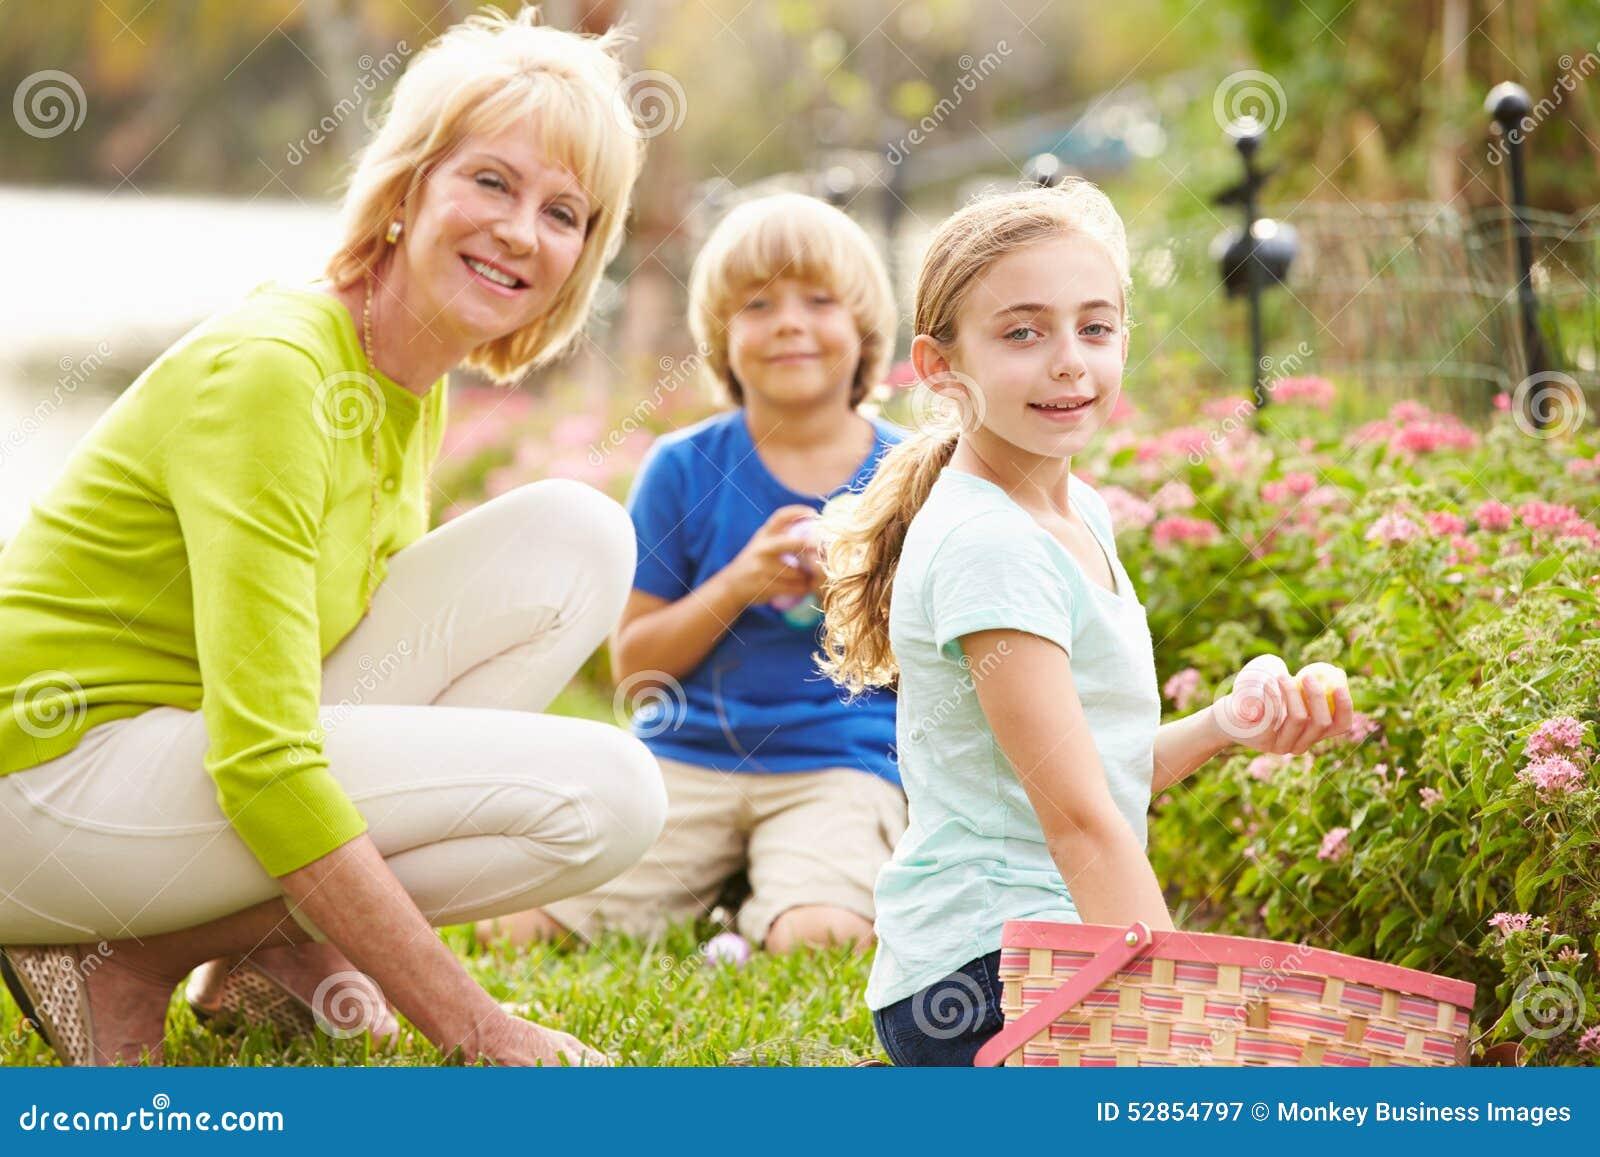 Бабушка со внуками смотреть бесплатно фото 113-787